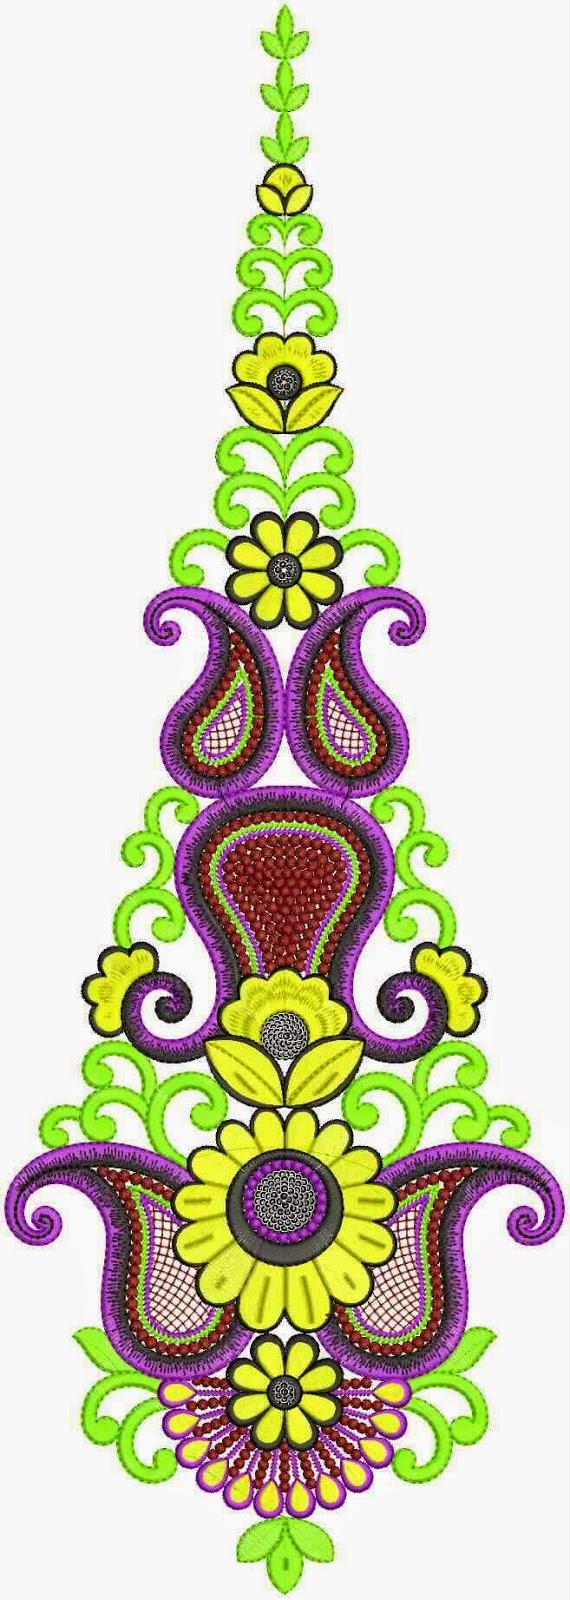 Embdesigntube Designer Suits Kali Embroidery Designs